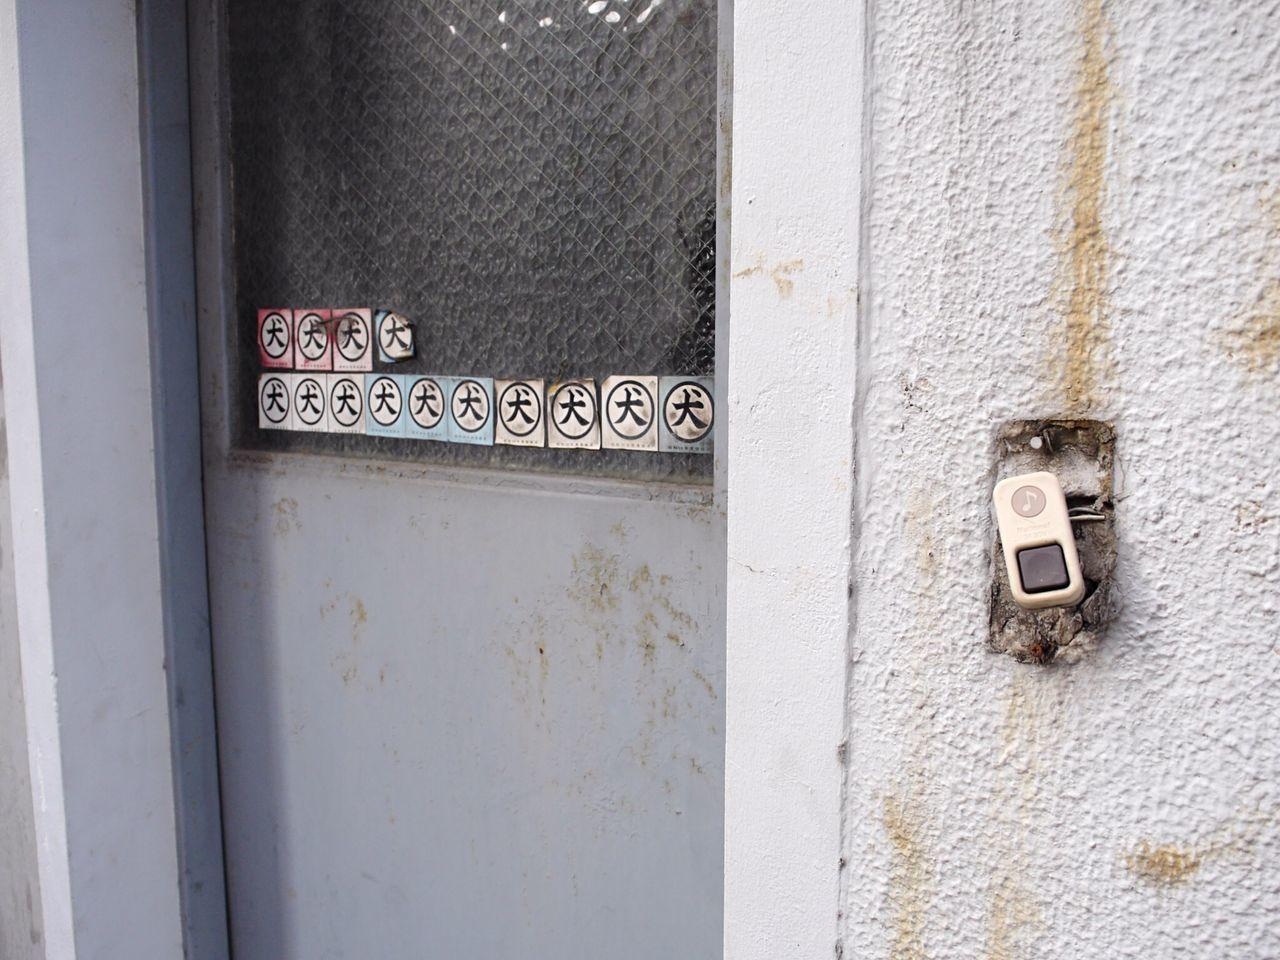 Sticker Dogs Aged Intercom インターホン 犬 ステッカー 古い